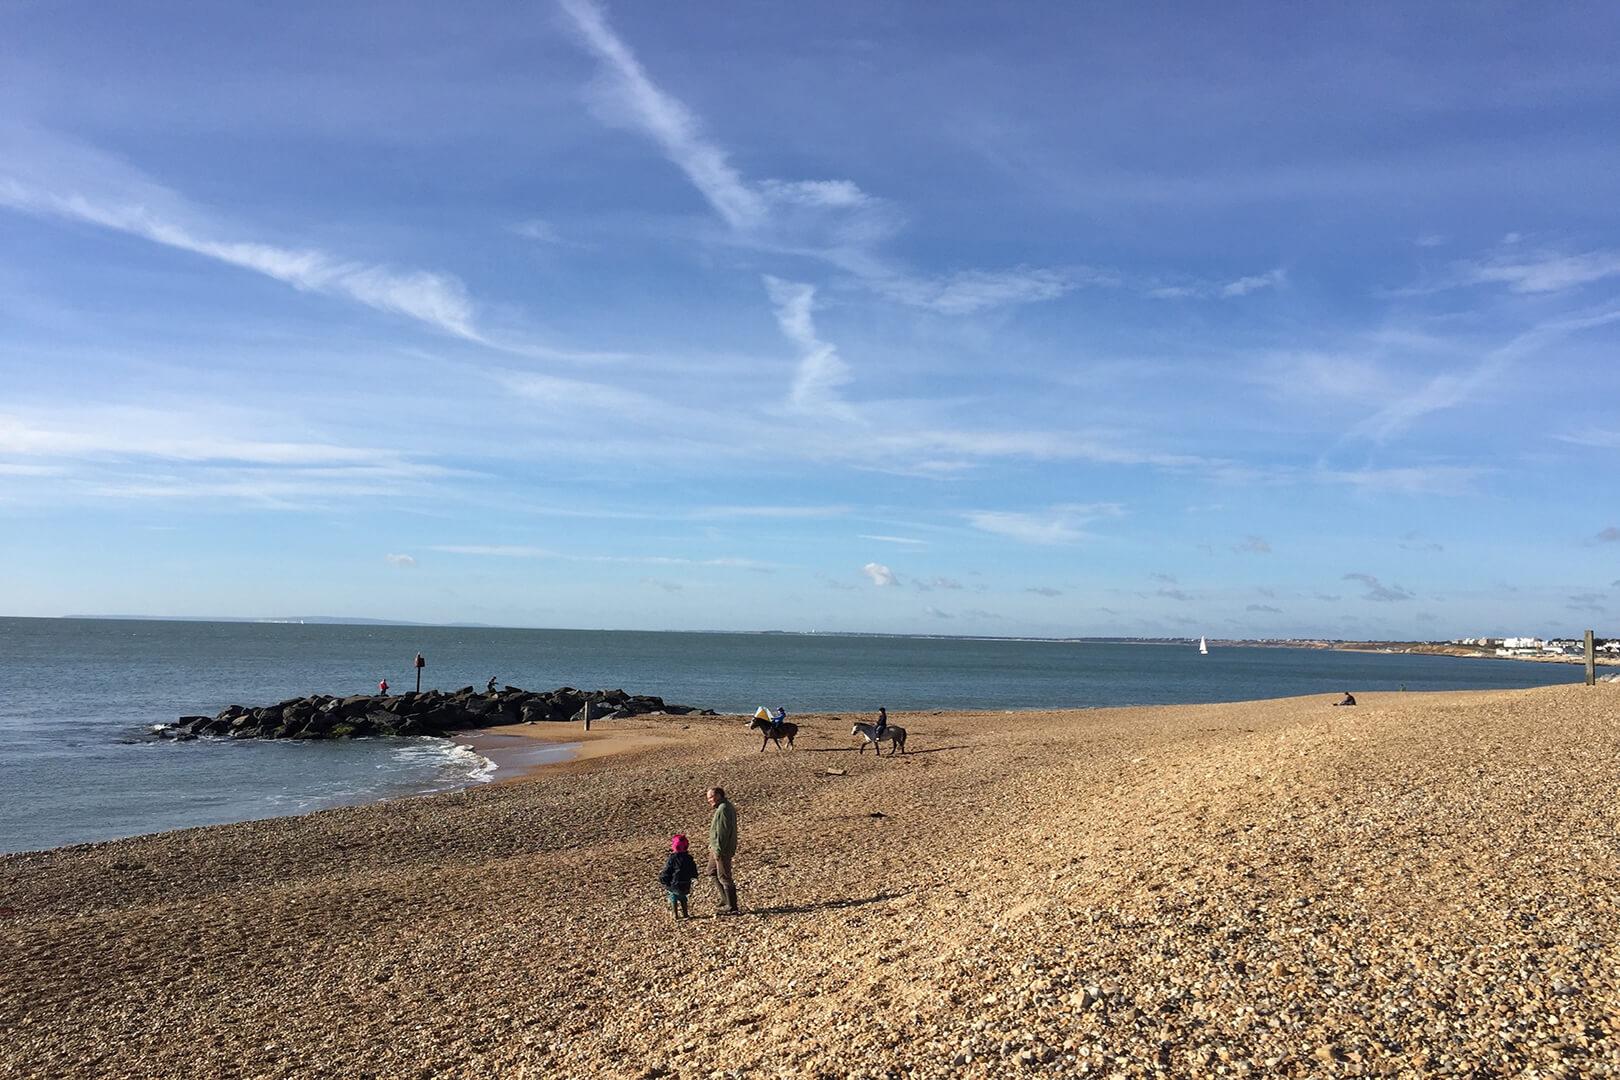 Beach side at Hurst Spit